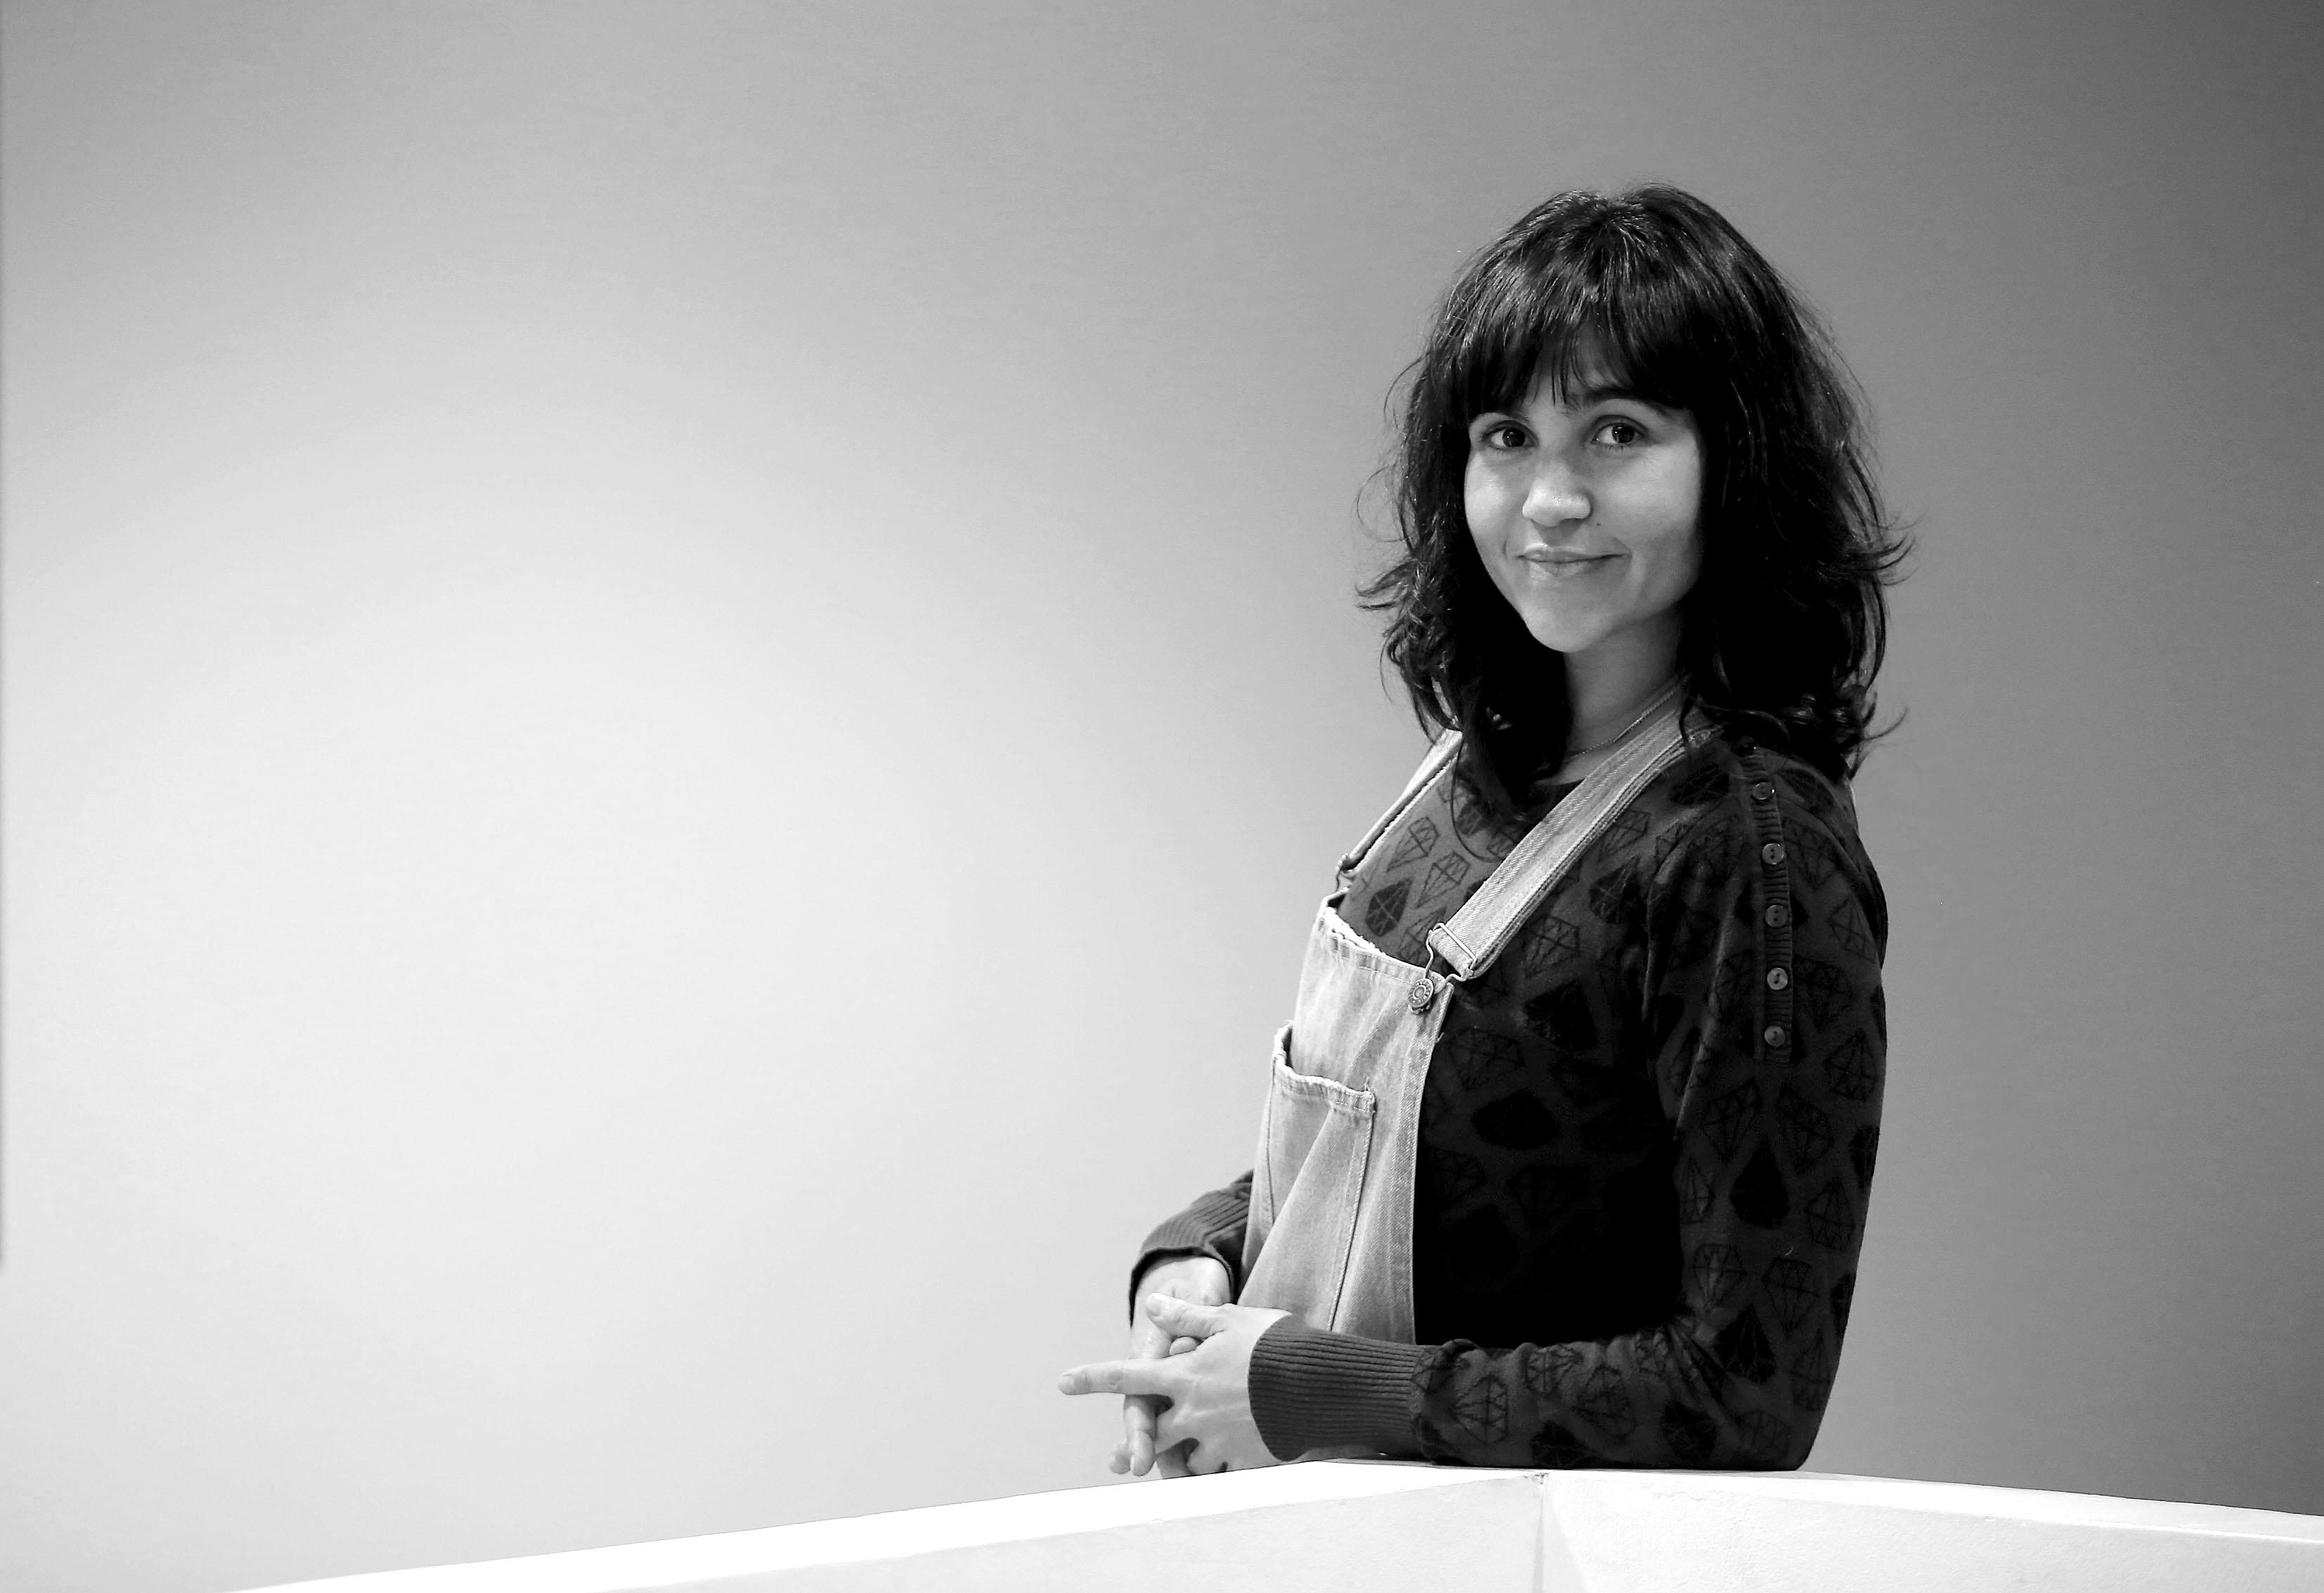 Retrato Miriam Chacón / Foto: Rubén Cacho